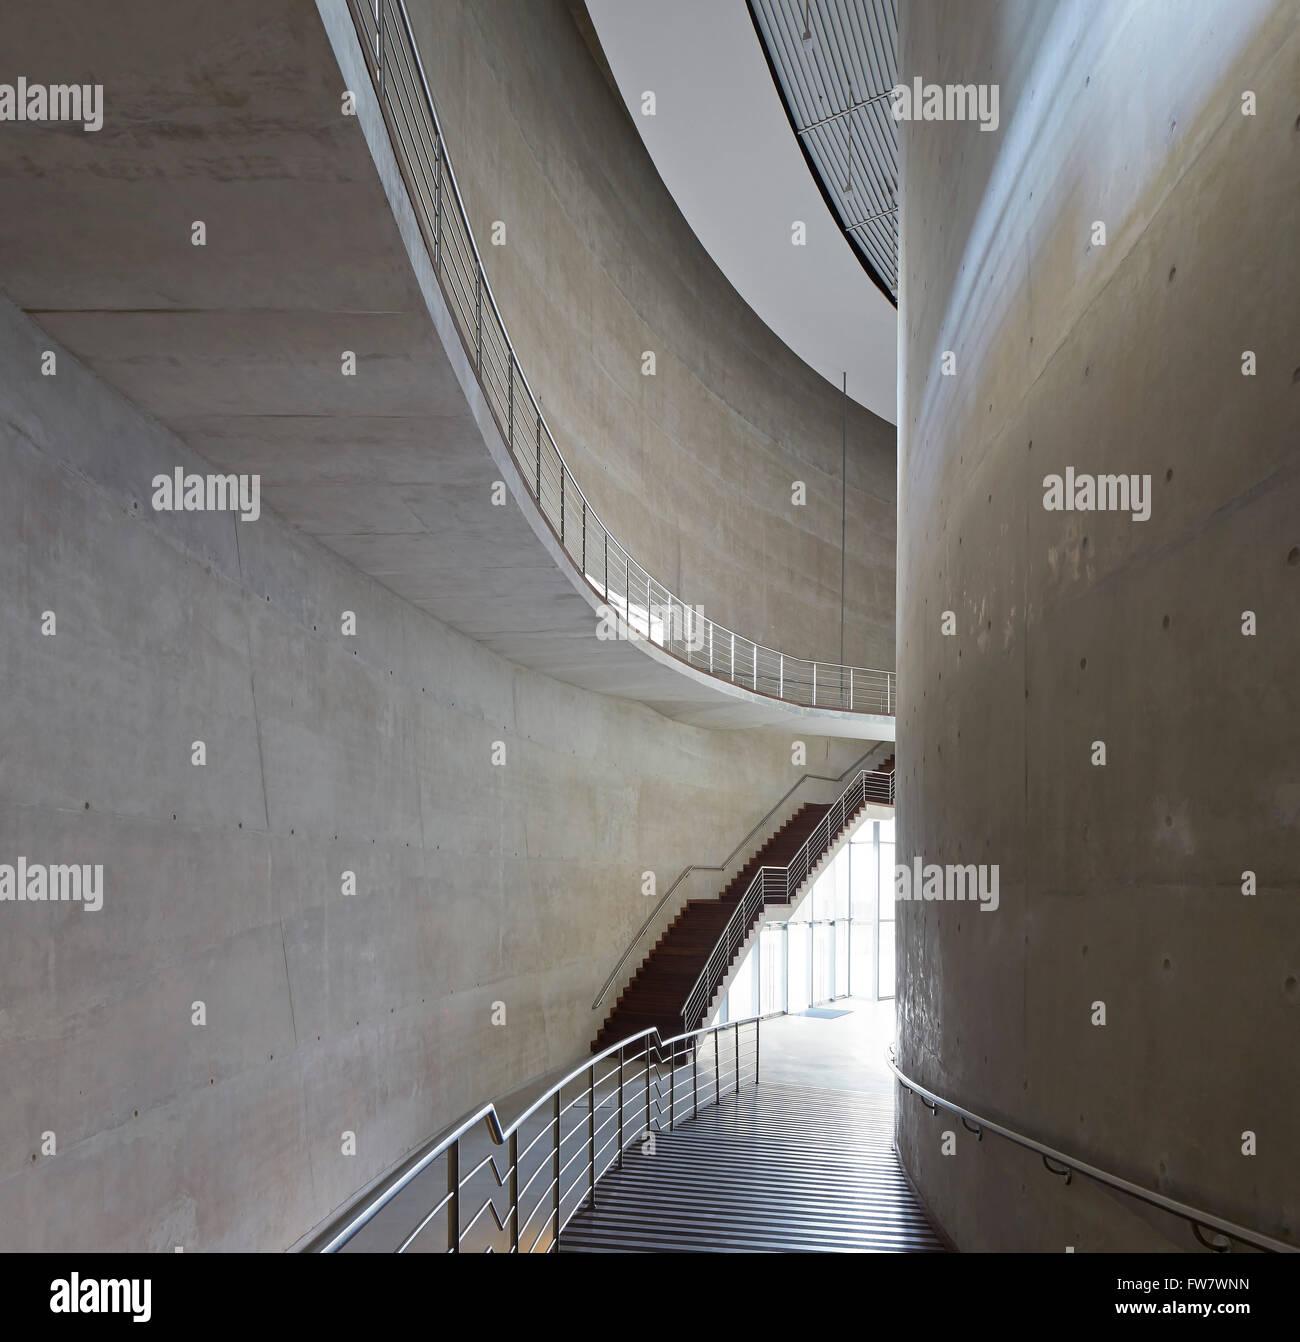 Curvatura di calcestruzzo con scalinate e galleria. La Cidade das Artes, Barra da Tijuca, Brasile. Architetto: Christian Immagini Stock